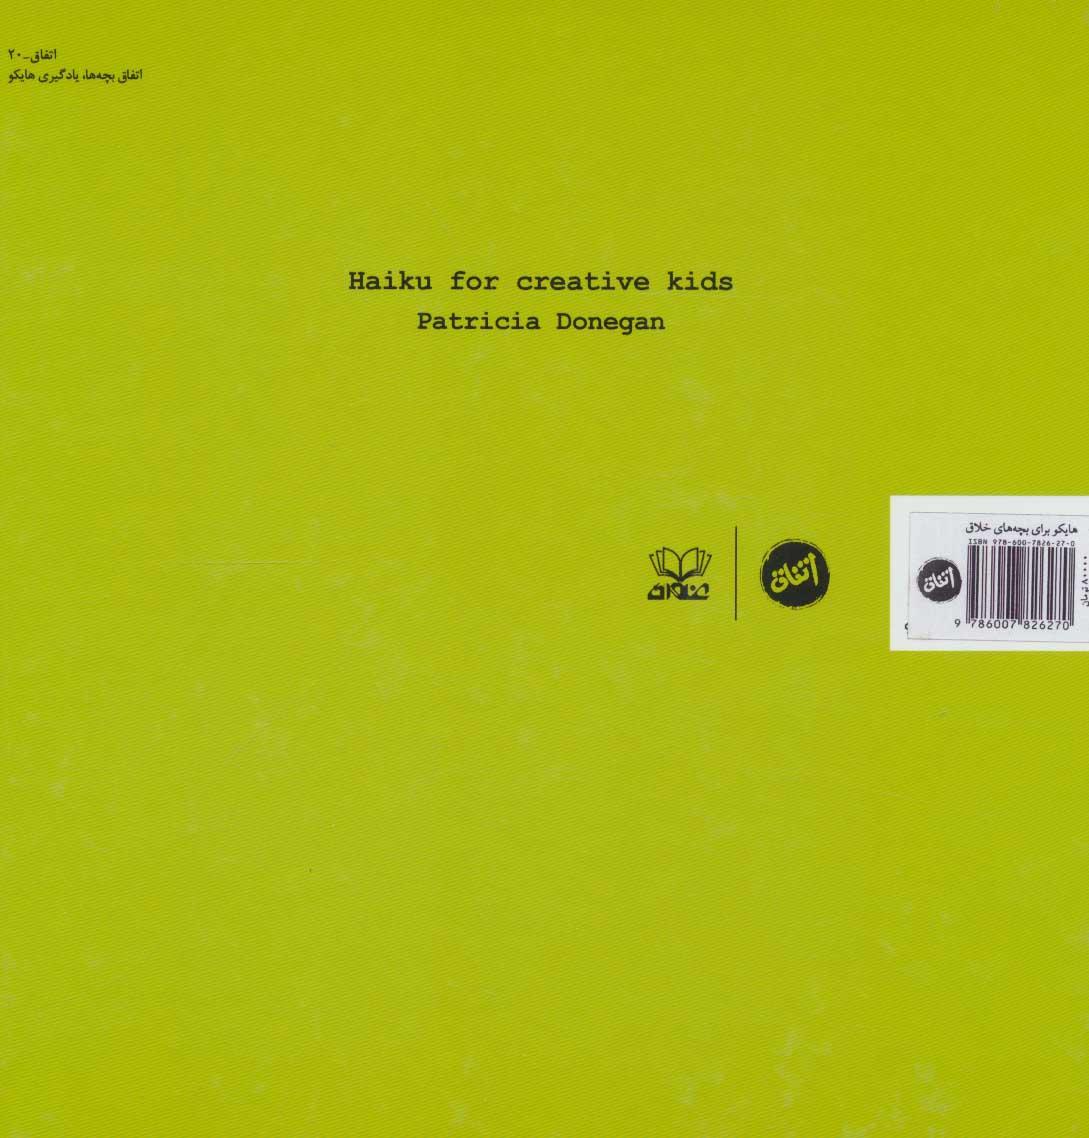 هایکو برای بچه های خلاق